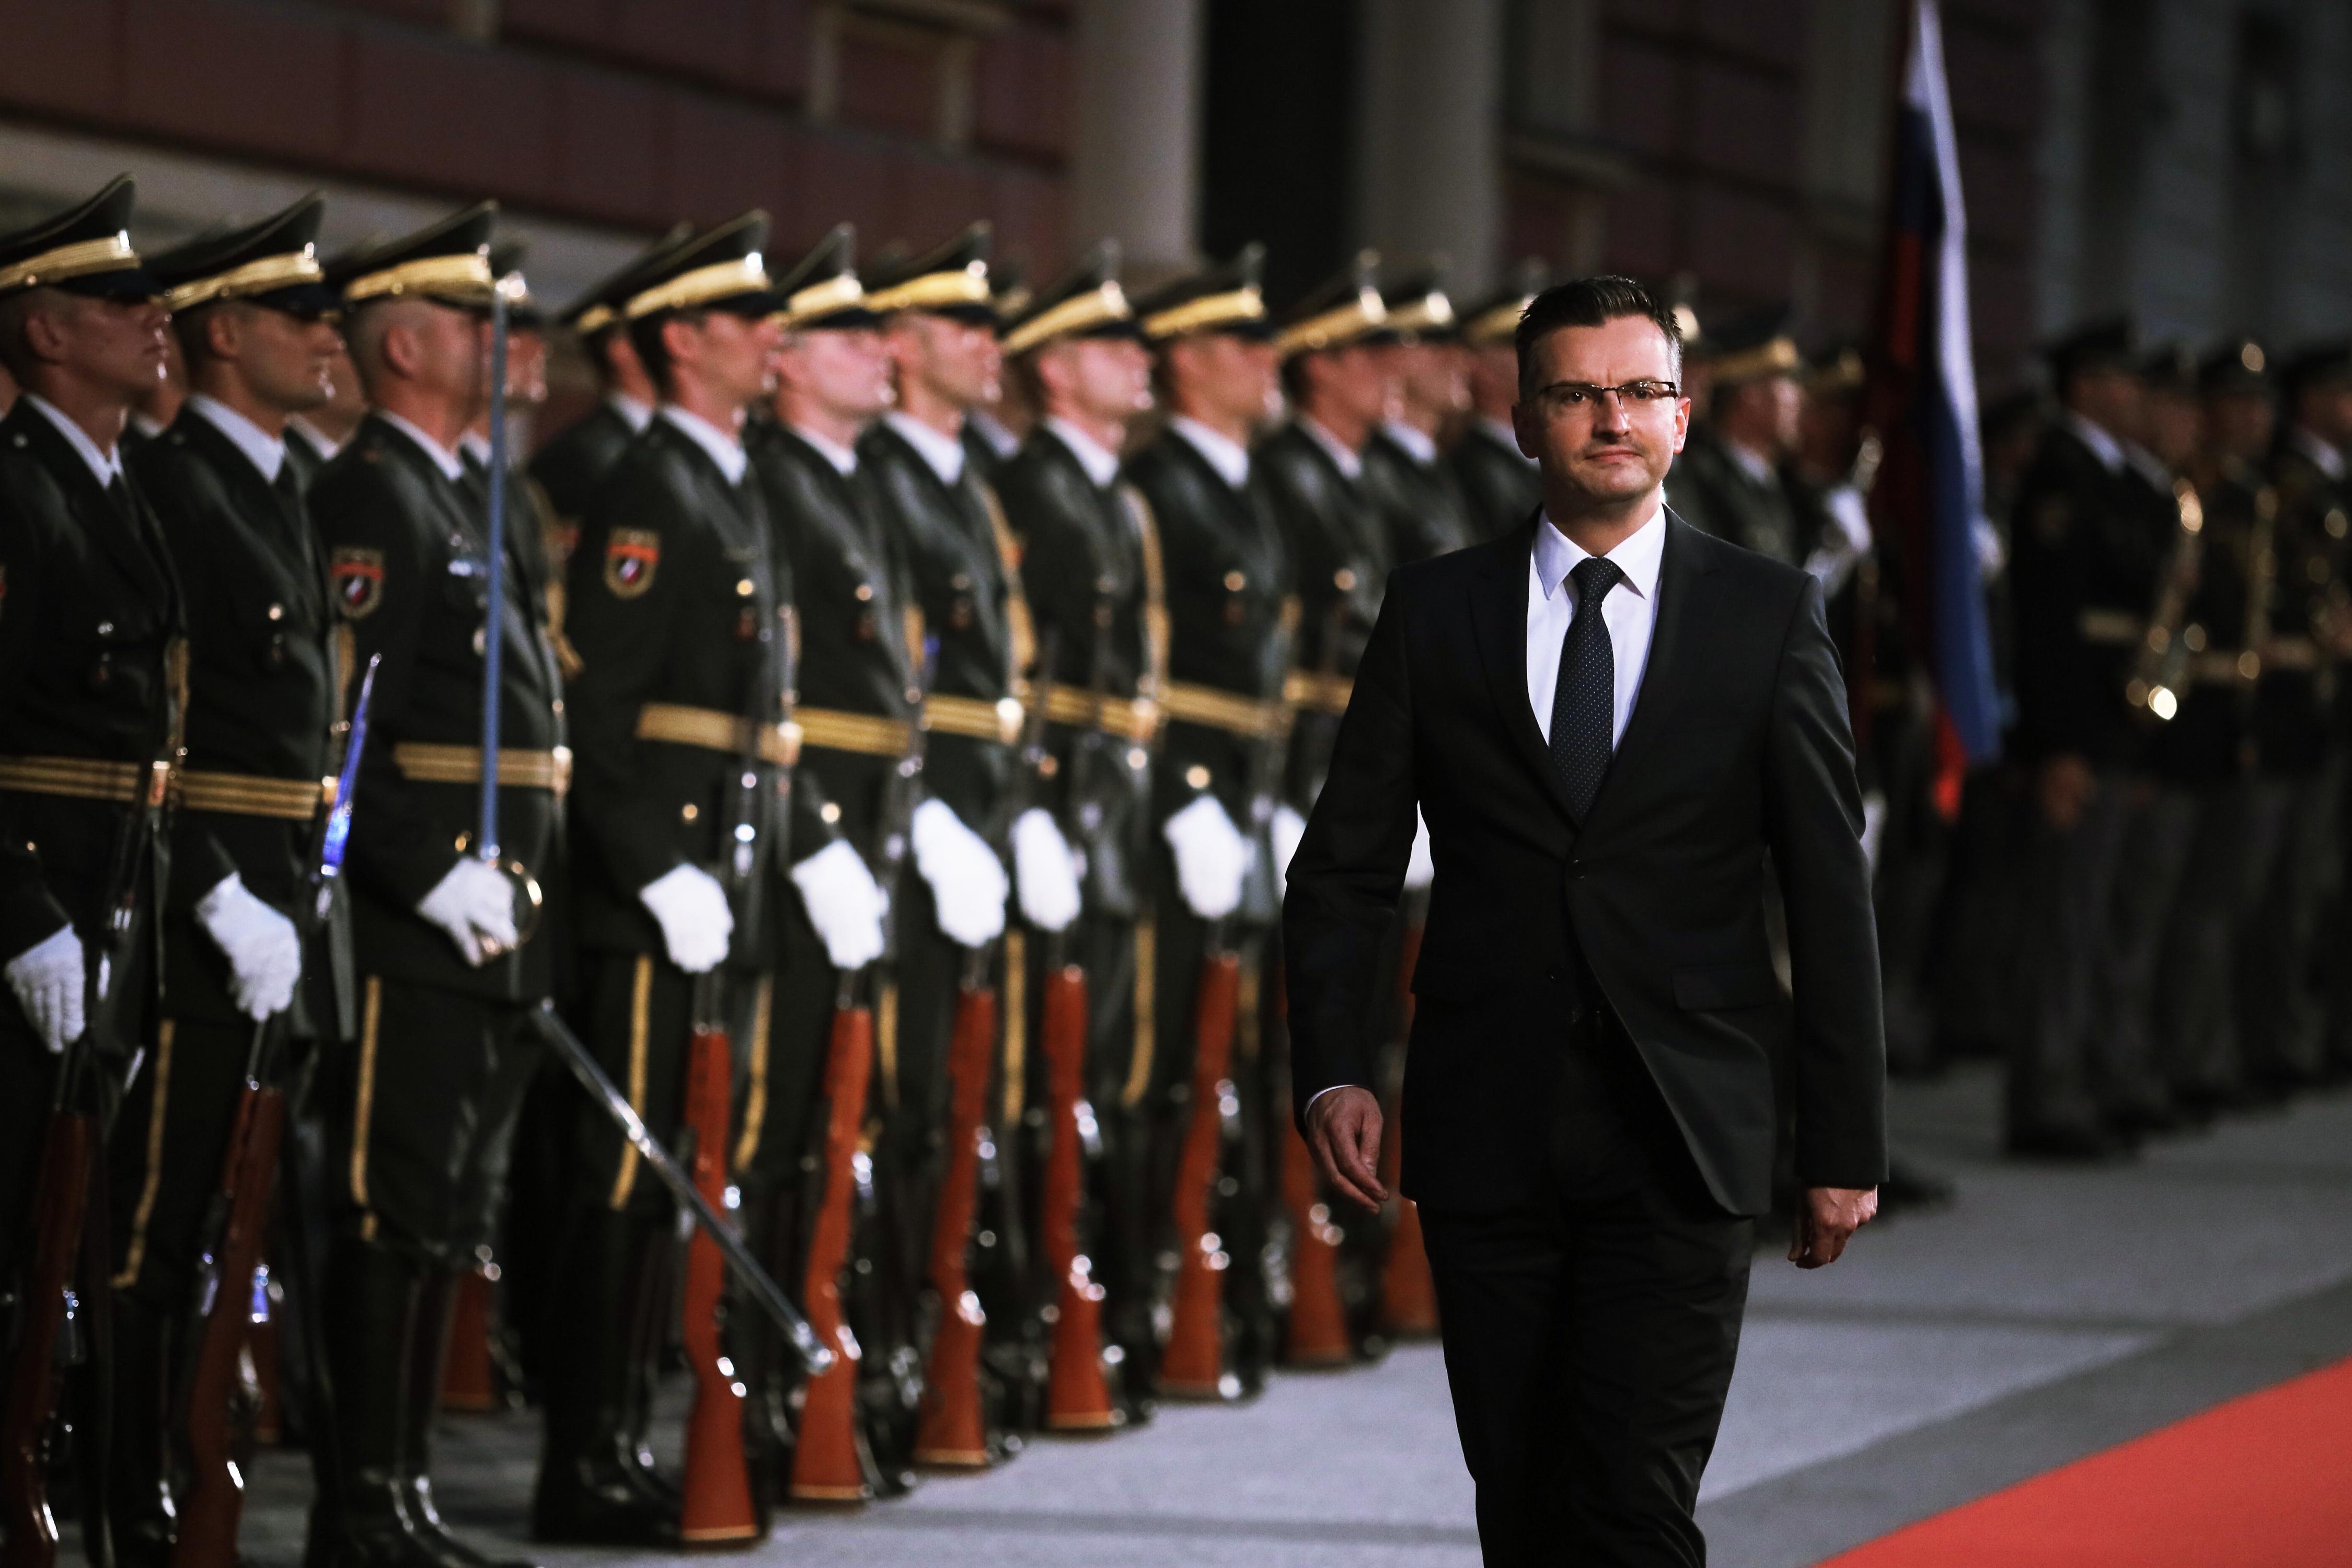 Predsednik vlade Marjan Šarec in v ozadju častna straža Slovenske vojske. (Foto: STA)